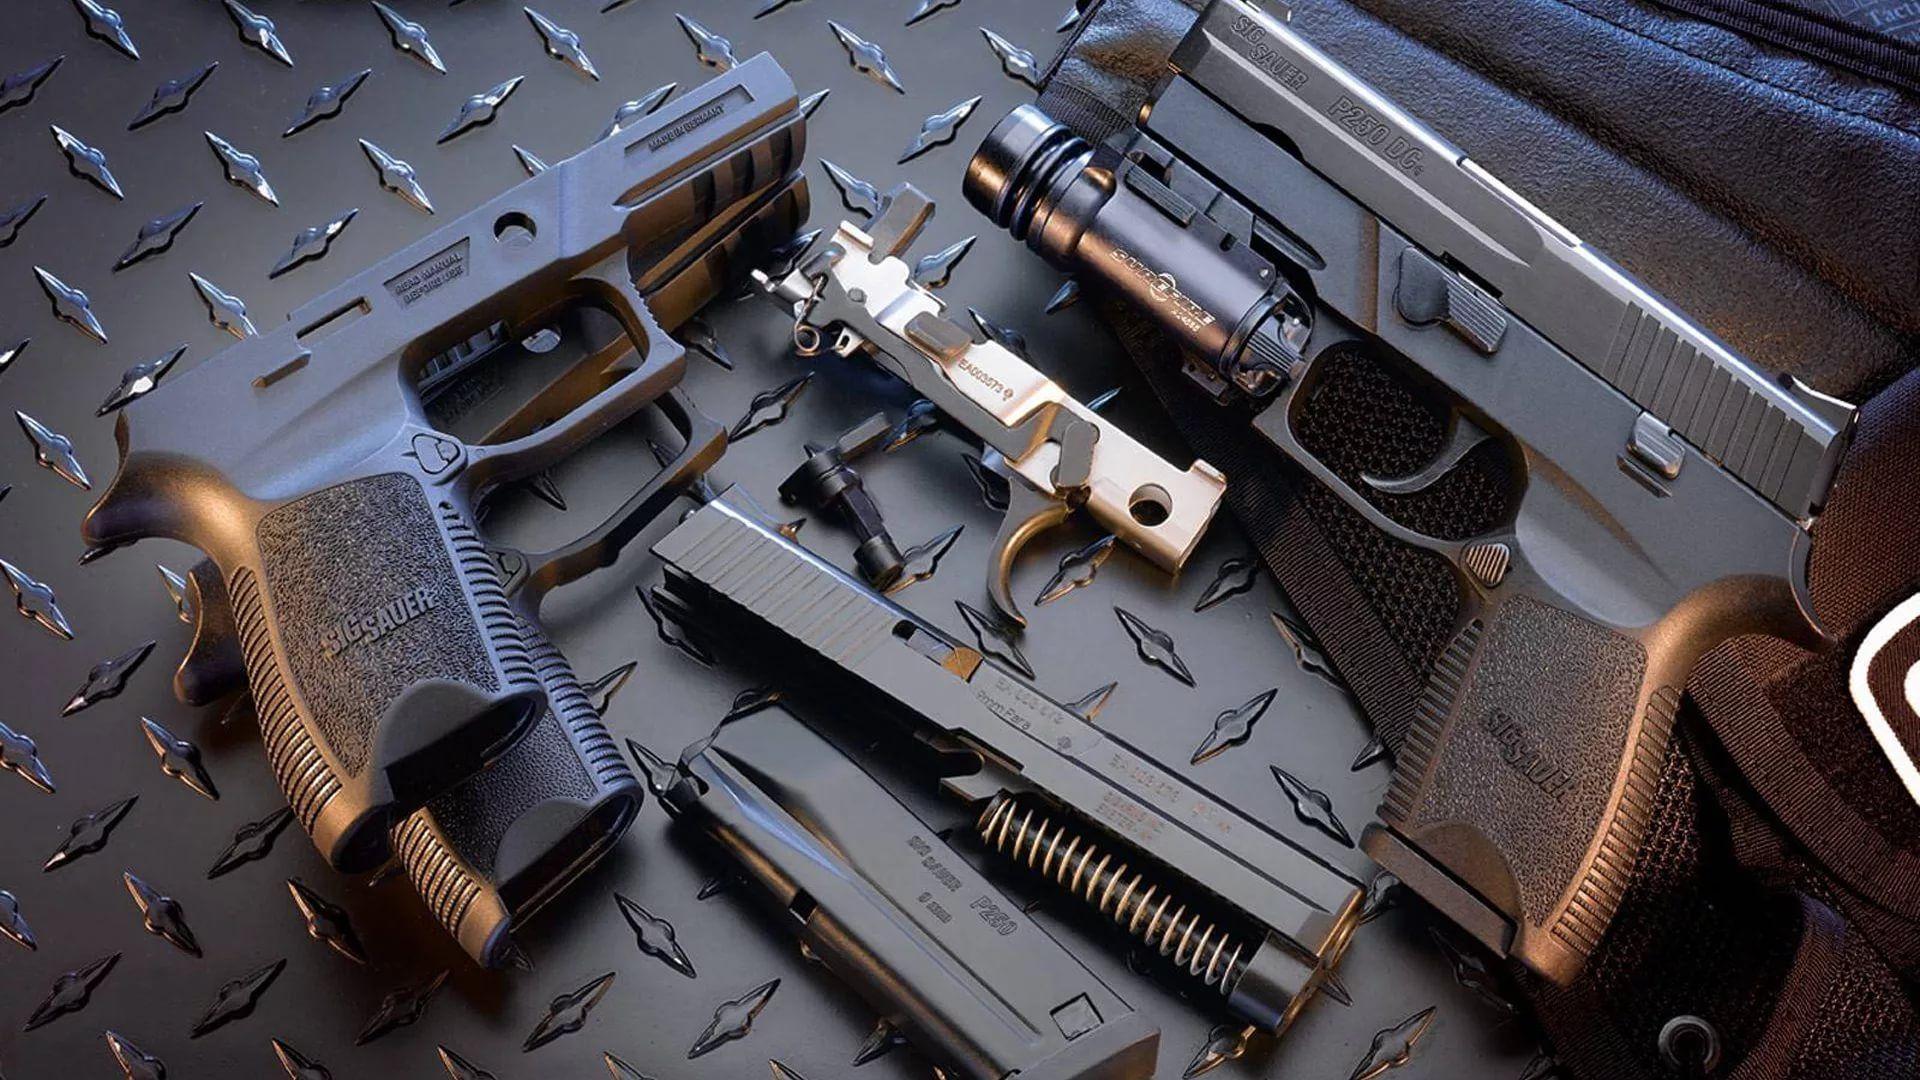 Gun For Desktop 1920x1080 wallpaper